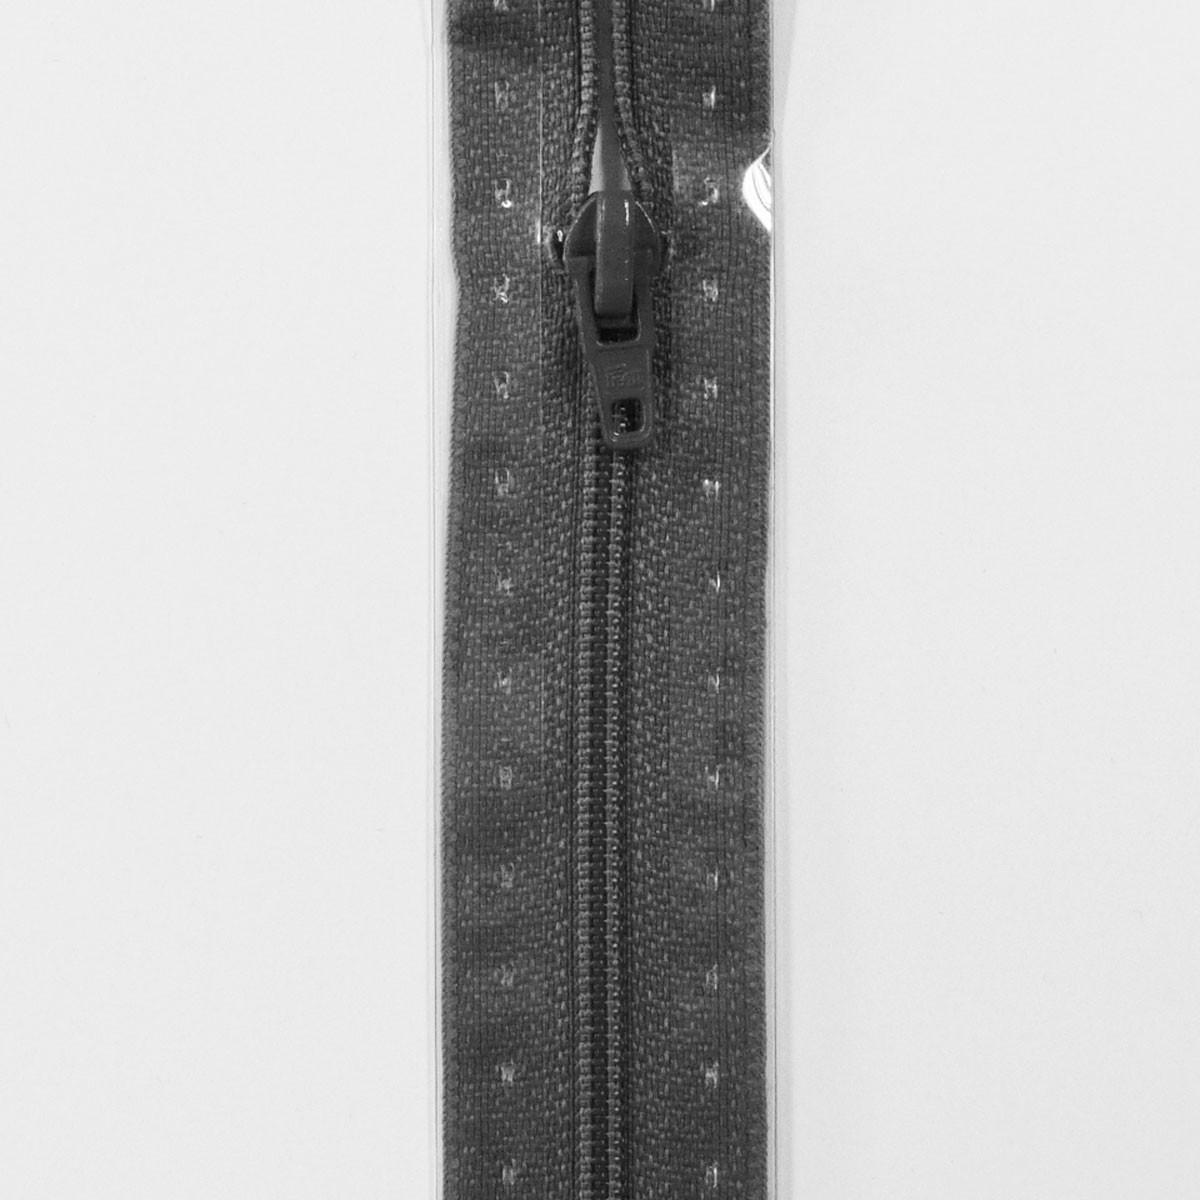 RV S1 Typ 0 ut 22 cm Fla d-grau